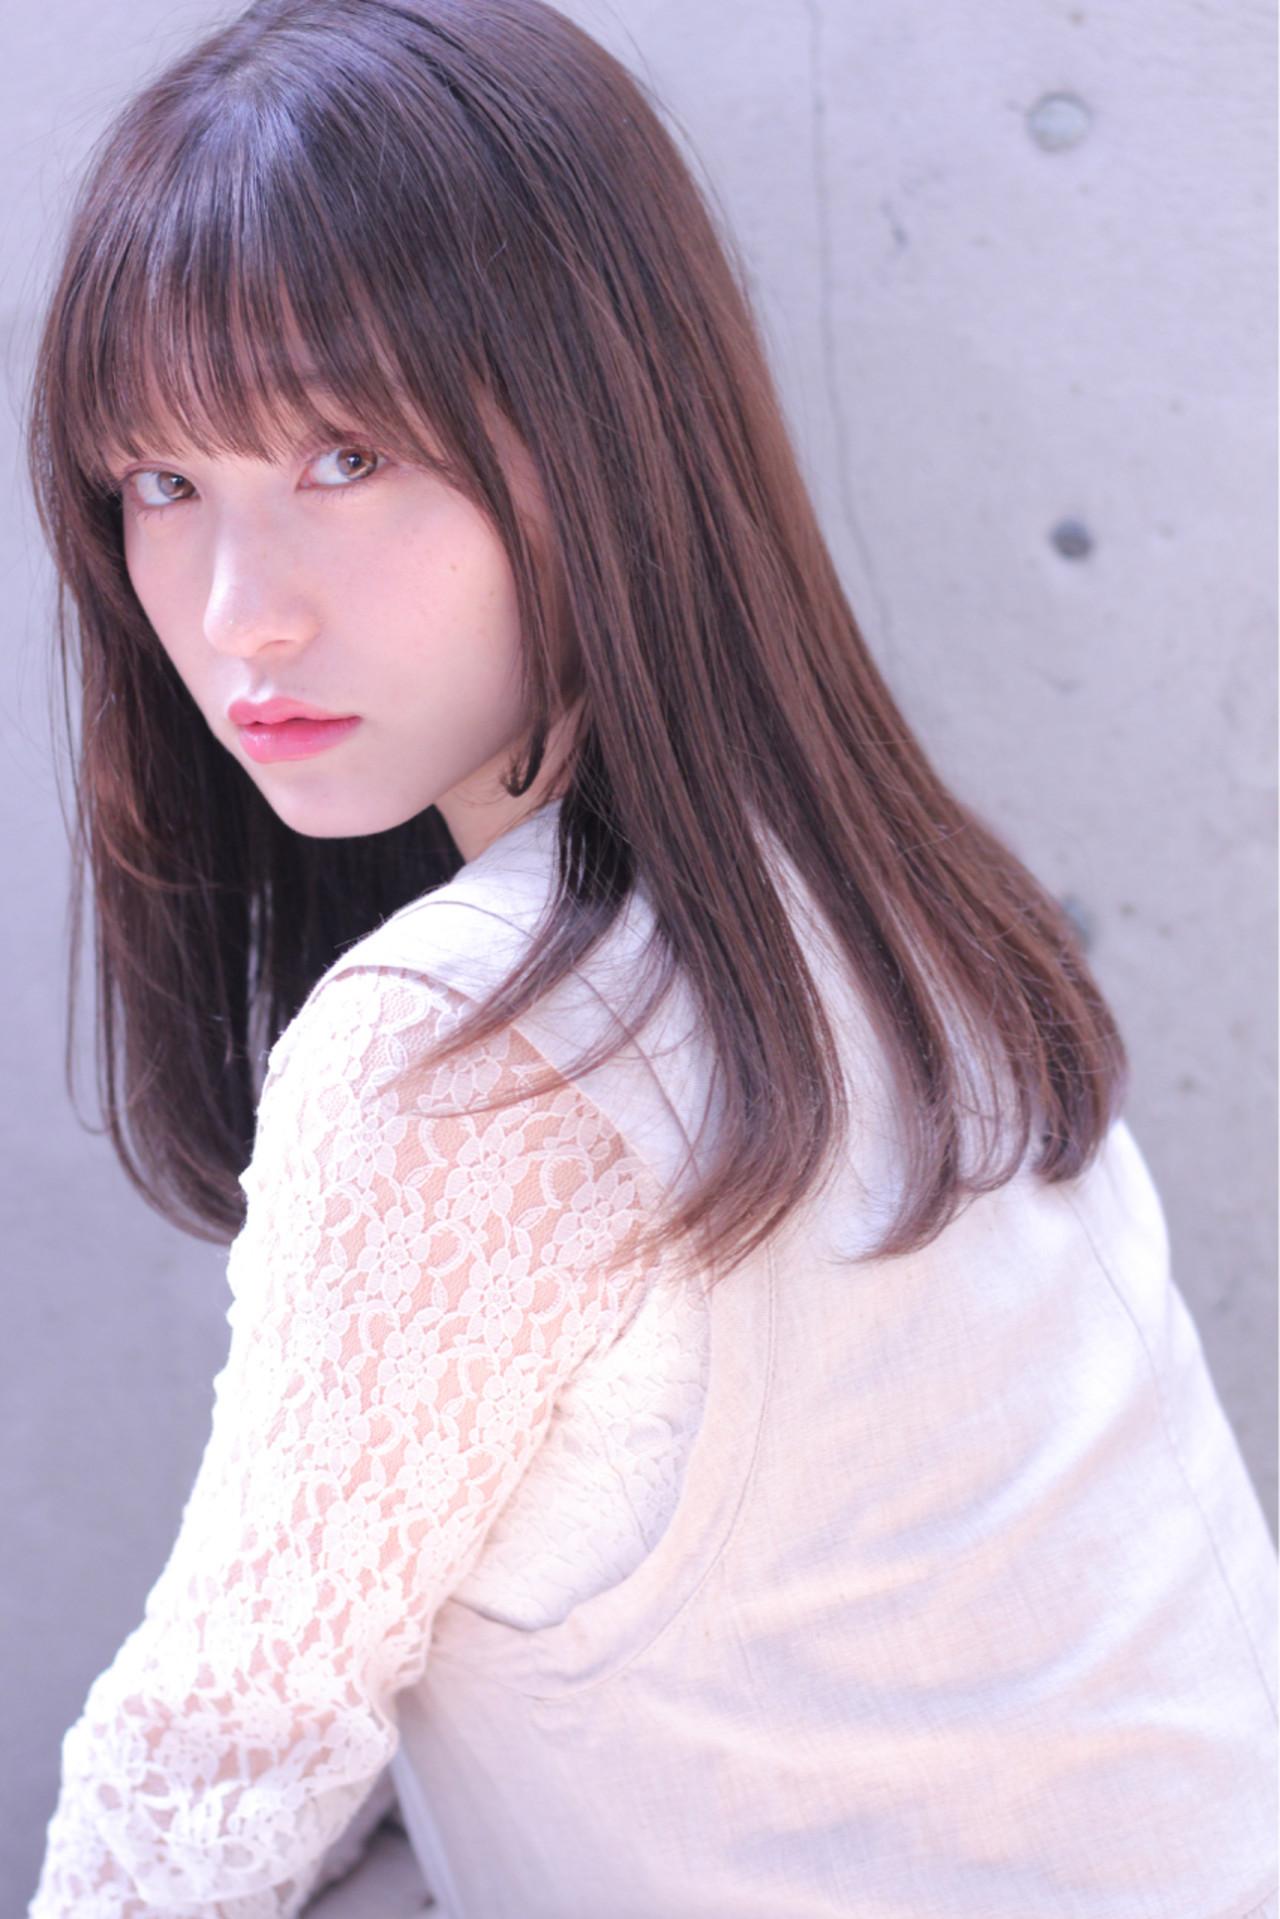 JKに人気の髪型♡おすすめヘアスタイルで楽しい高校生活を♪ Wataru